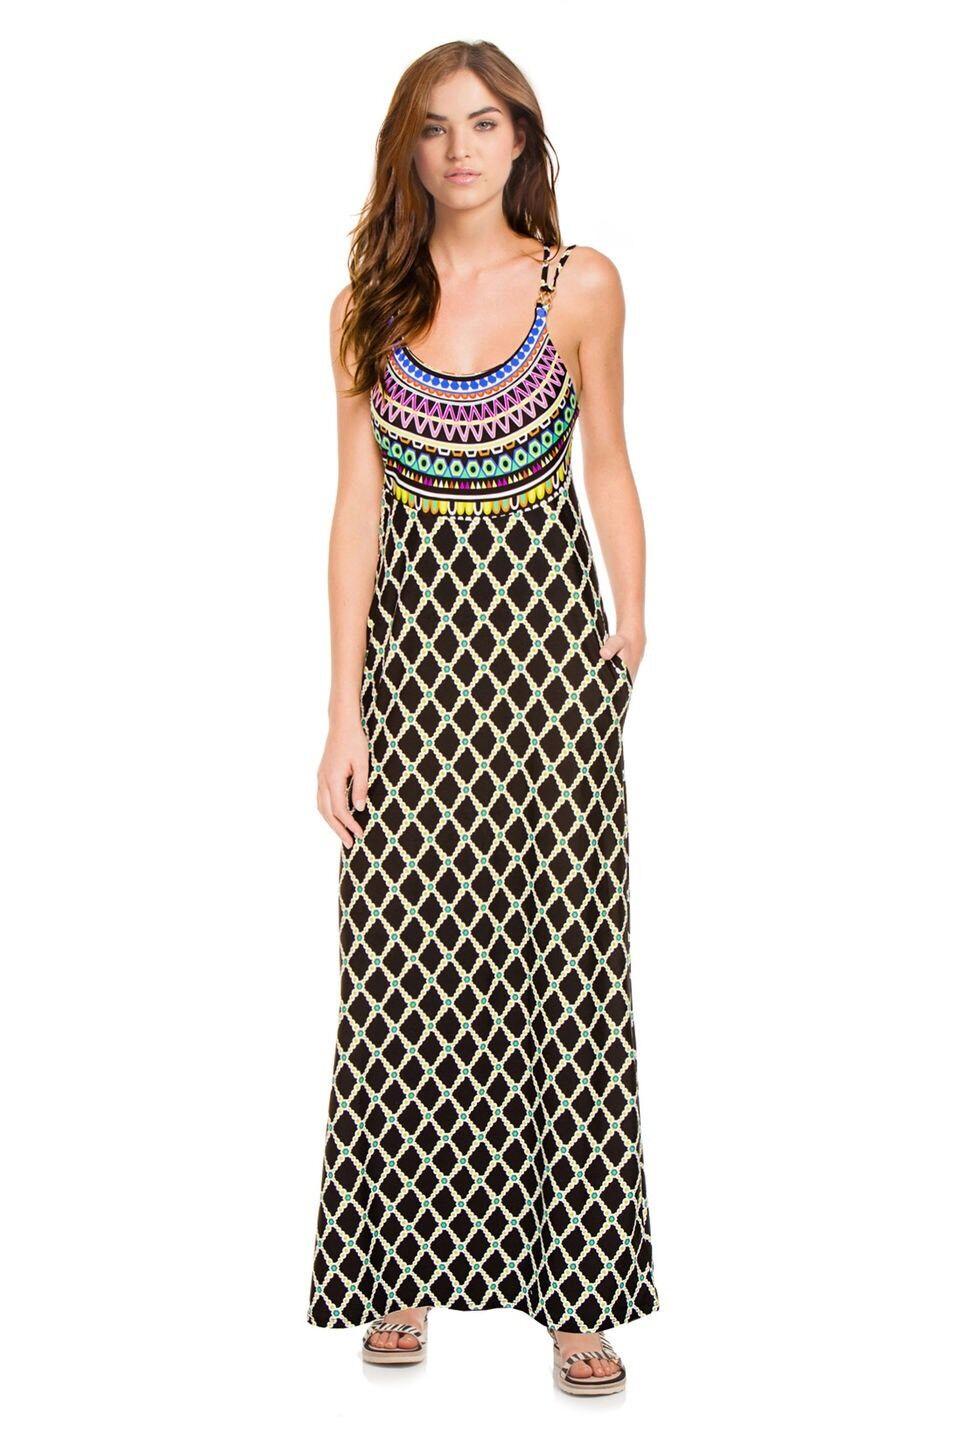 NWT   Sz Medium M Trina Turk Kon Tiki Swim Cover Maxi Dress Gorgeous